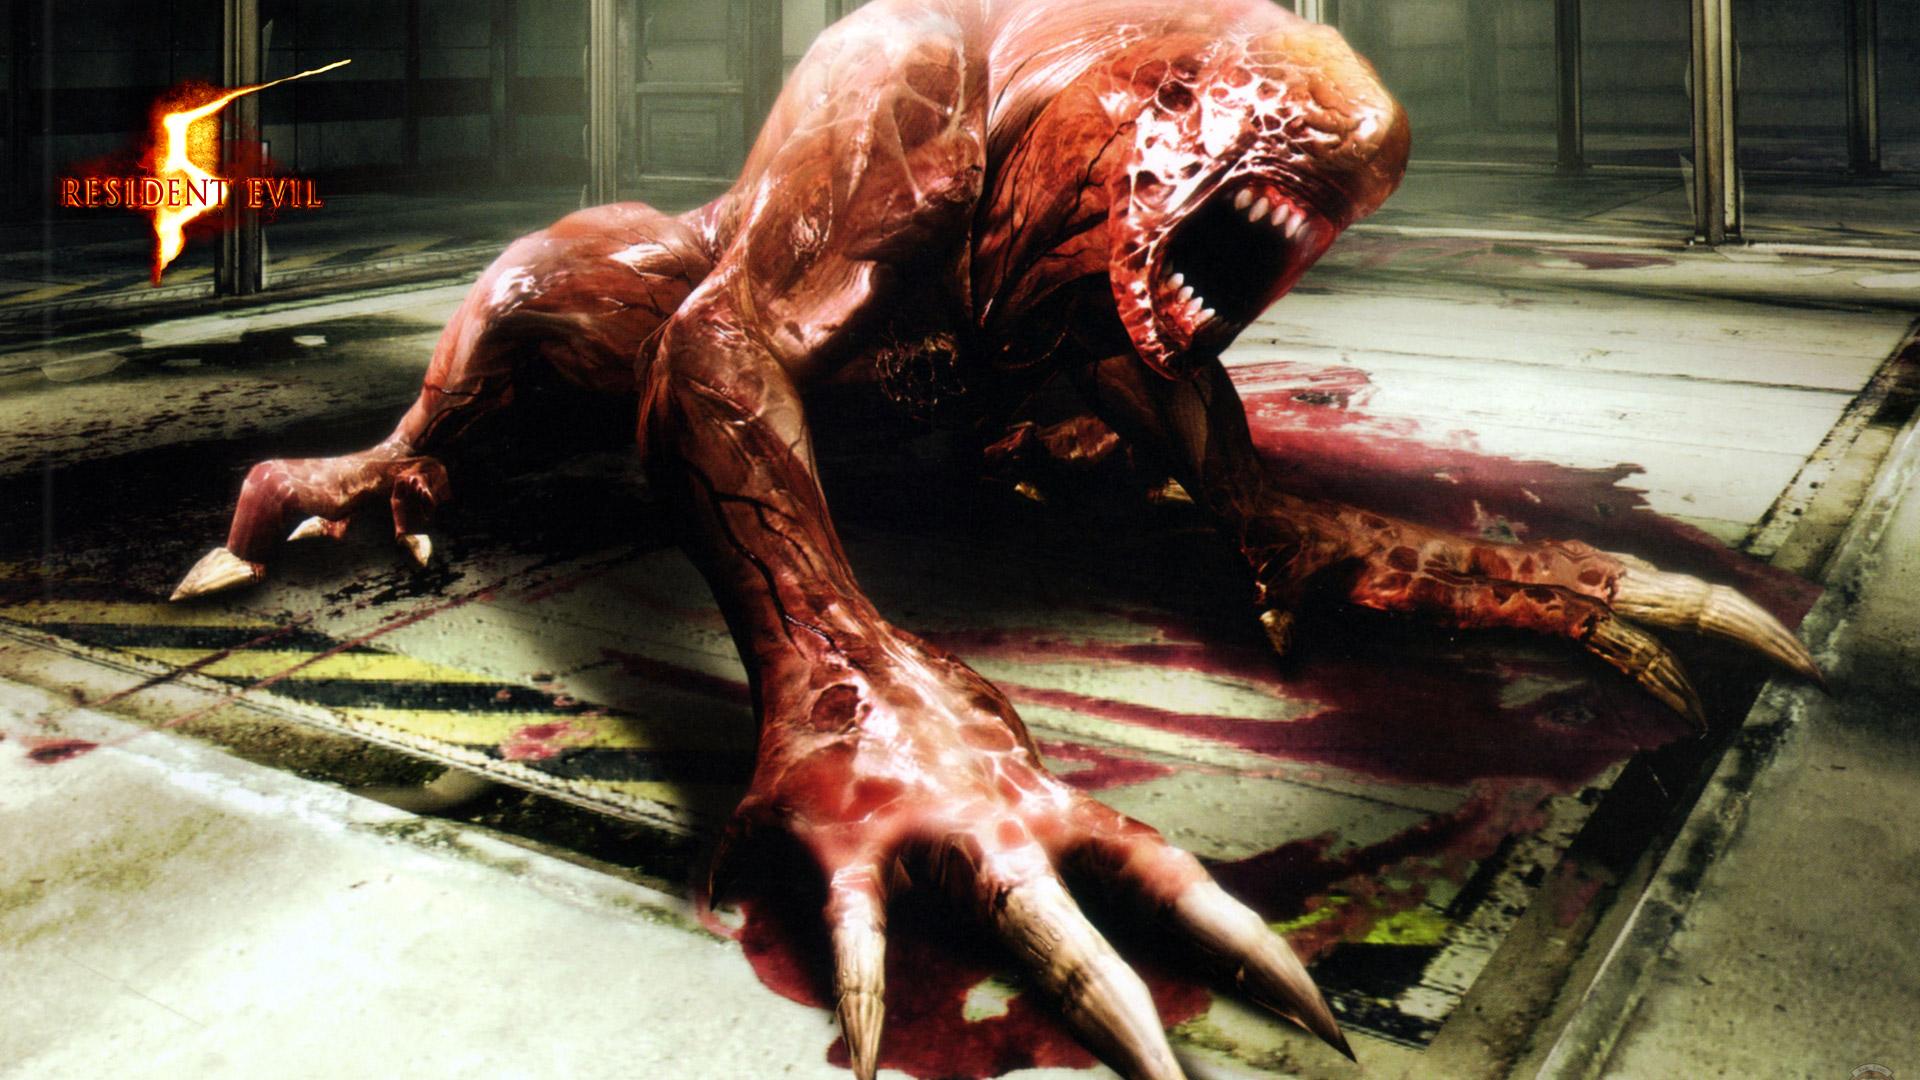 Resident Evil 5 Wallpaper in 1920x1080